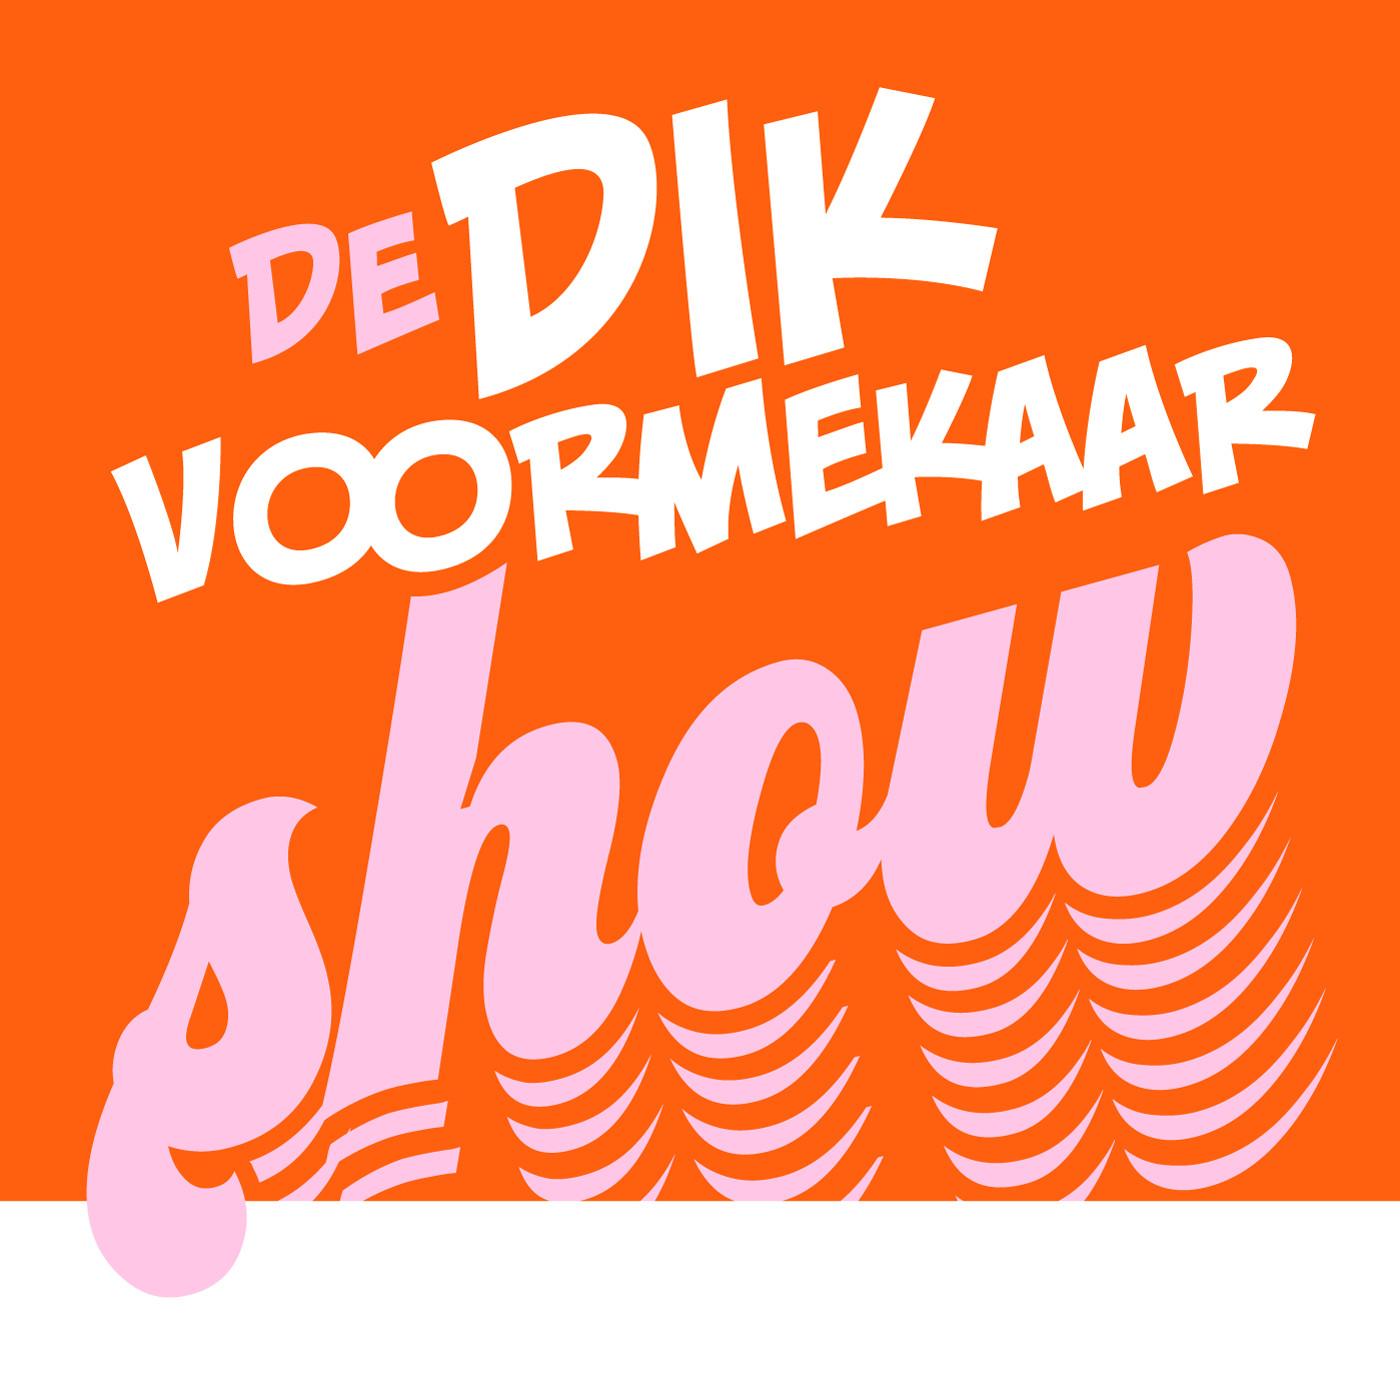 De Dik Voormekaar Show comp.5